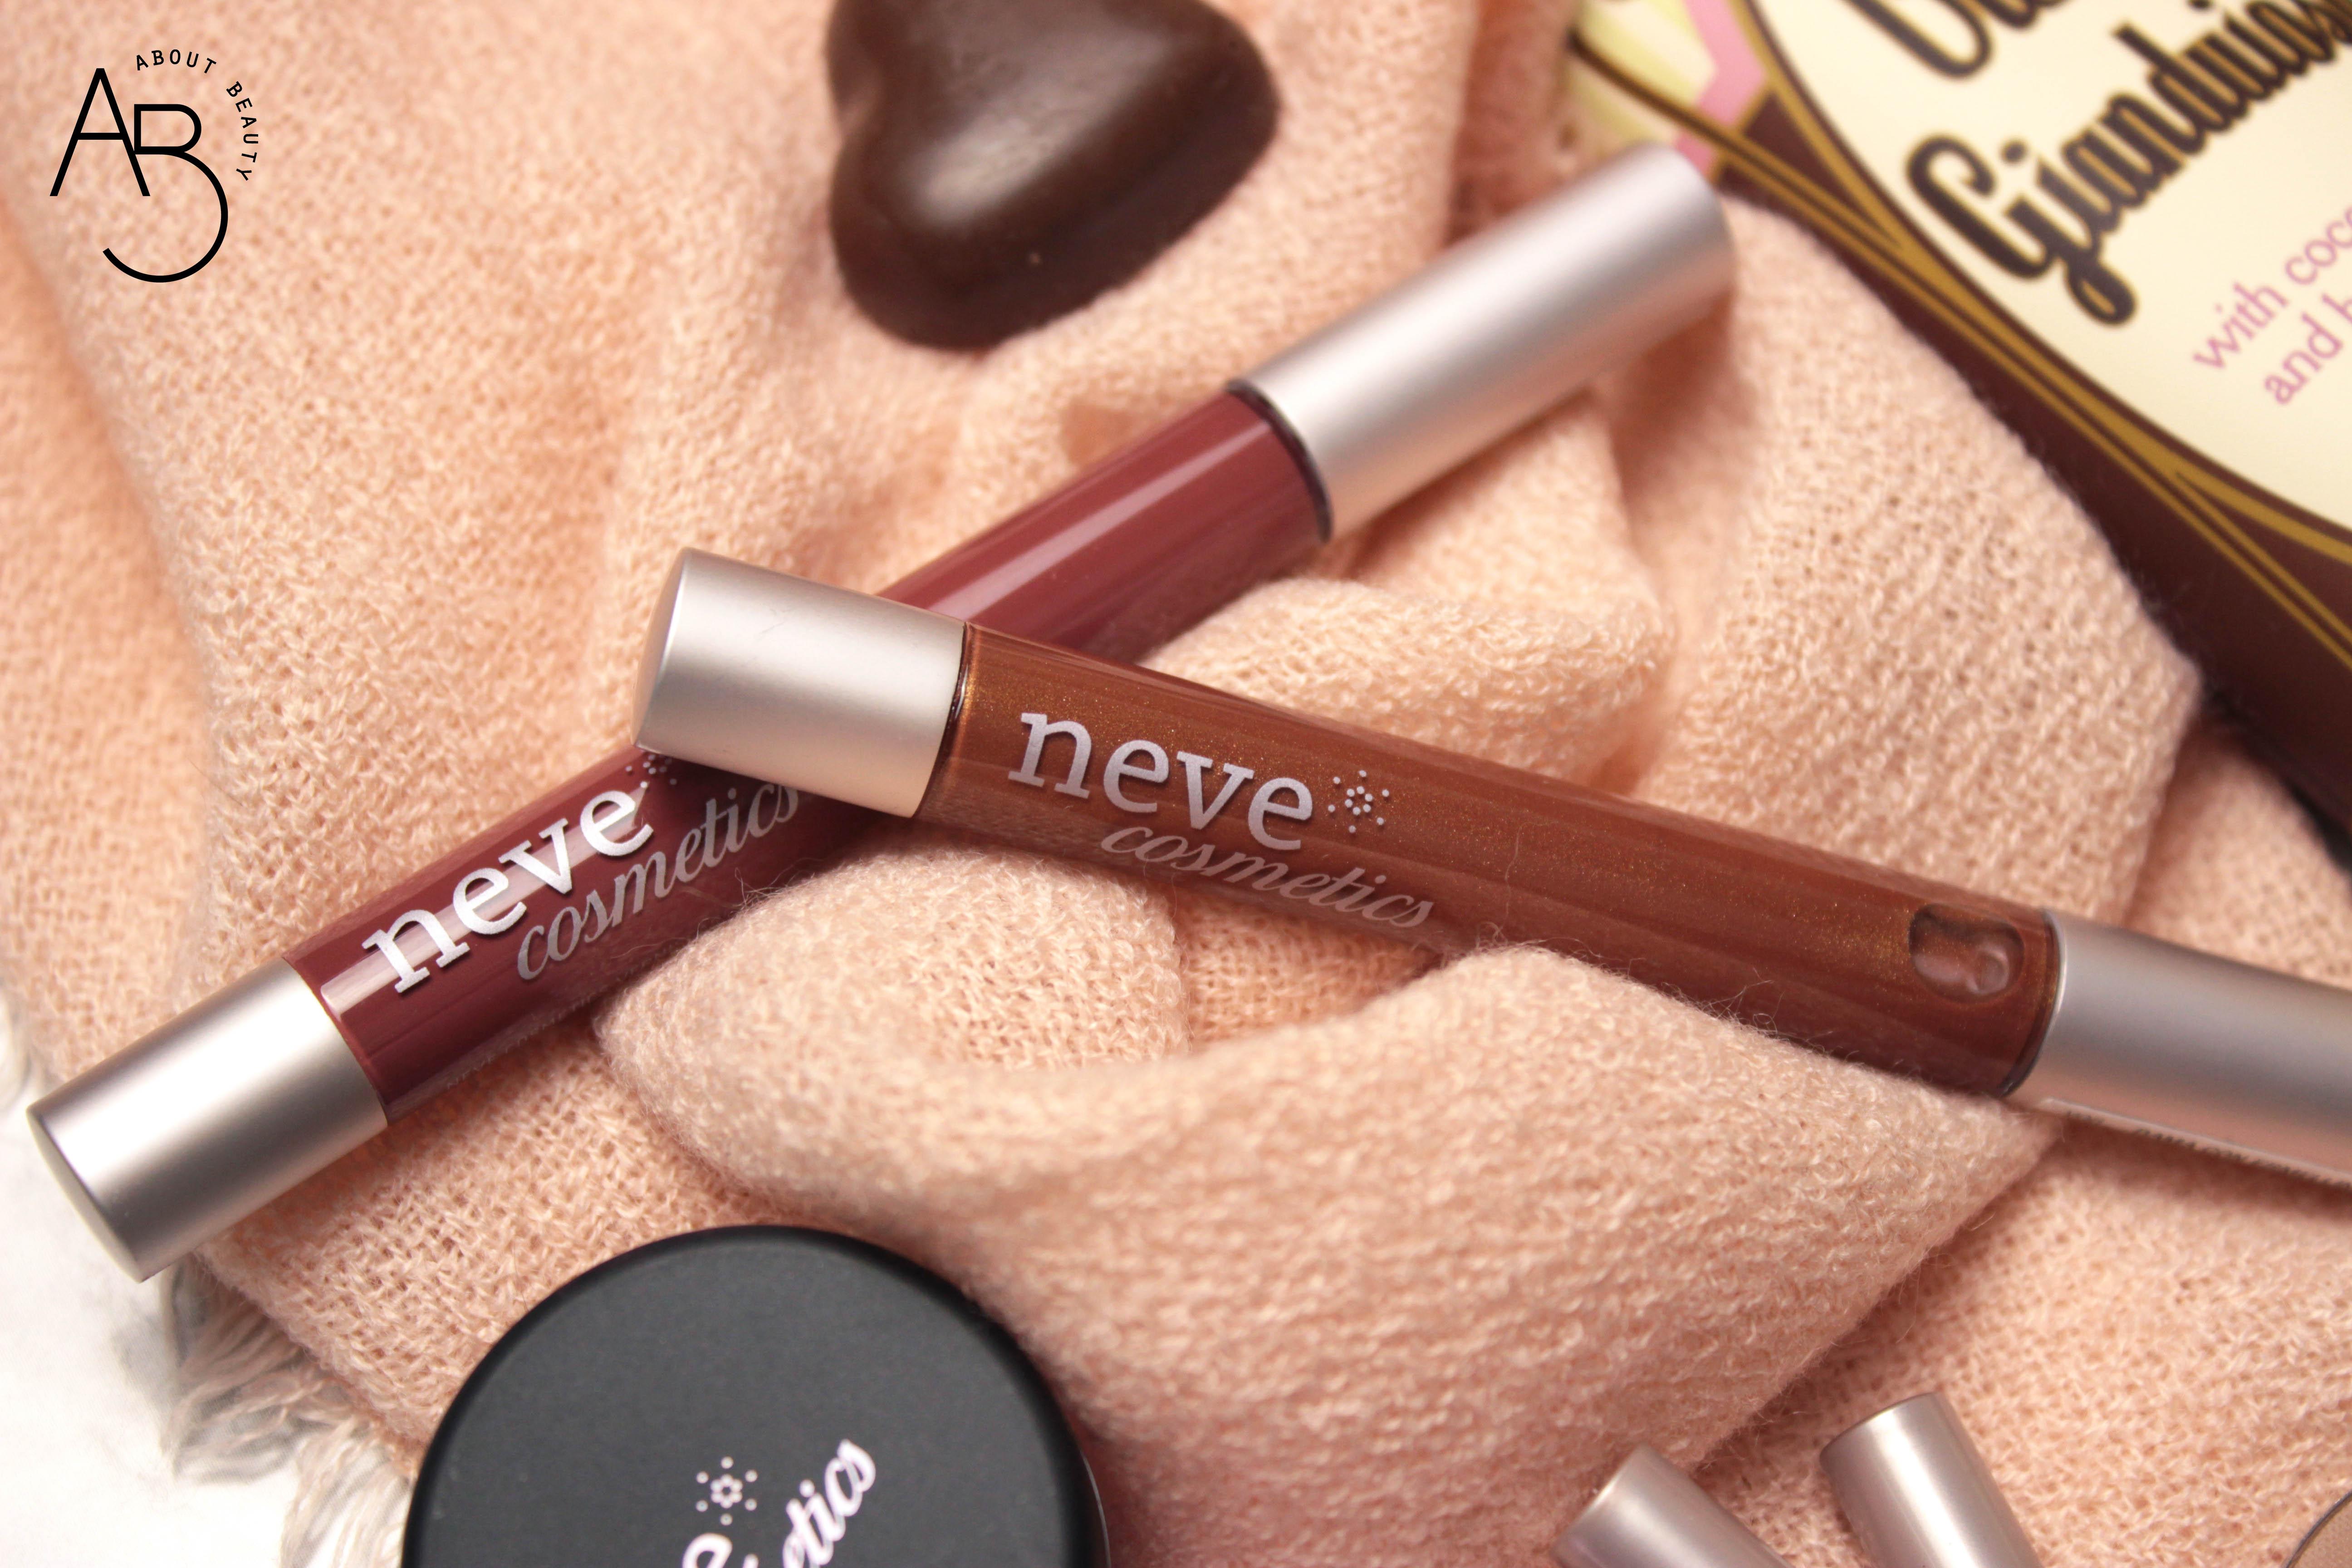 Doccia gianduiosa Neve Cosmetics - Review, recensione, info, prezzo, dove acquistare - Chocolate Valentine Promo - Vernissage